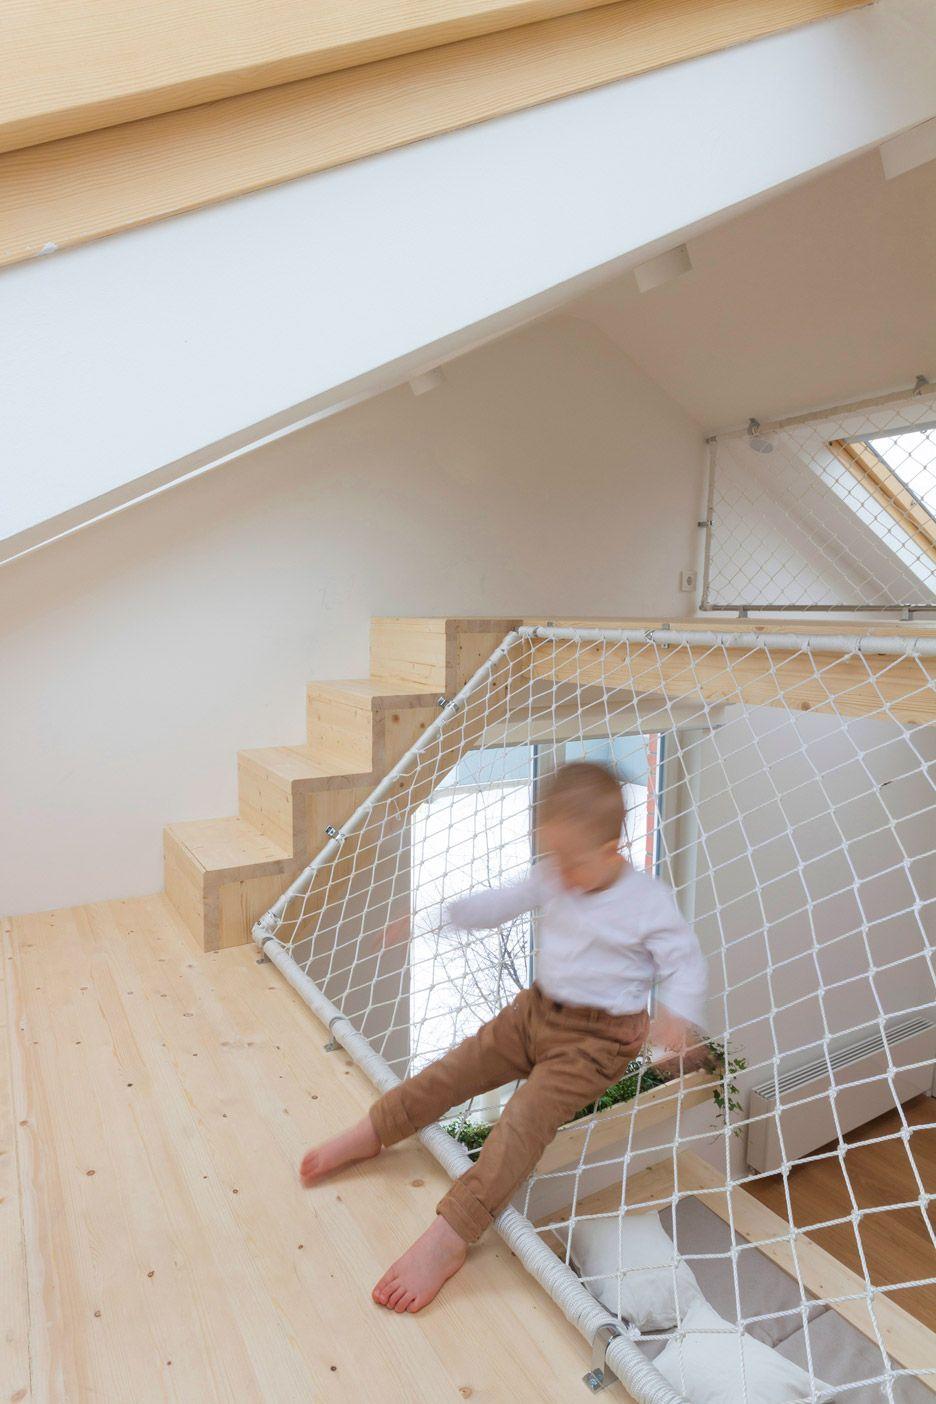 Door dit kinderparadijs ín de slaapkamer kunnen de ouders lekker ...